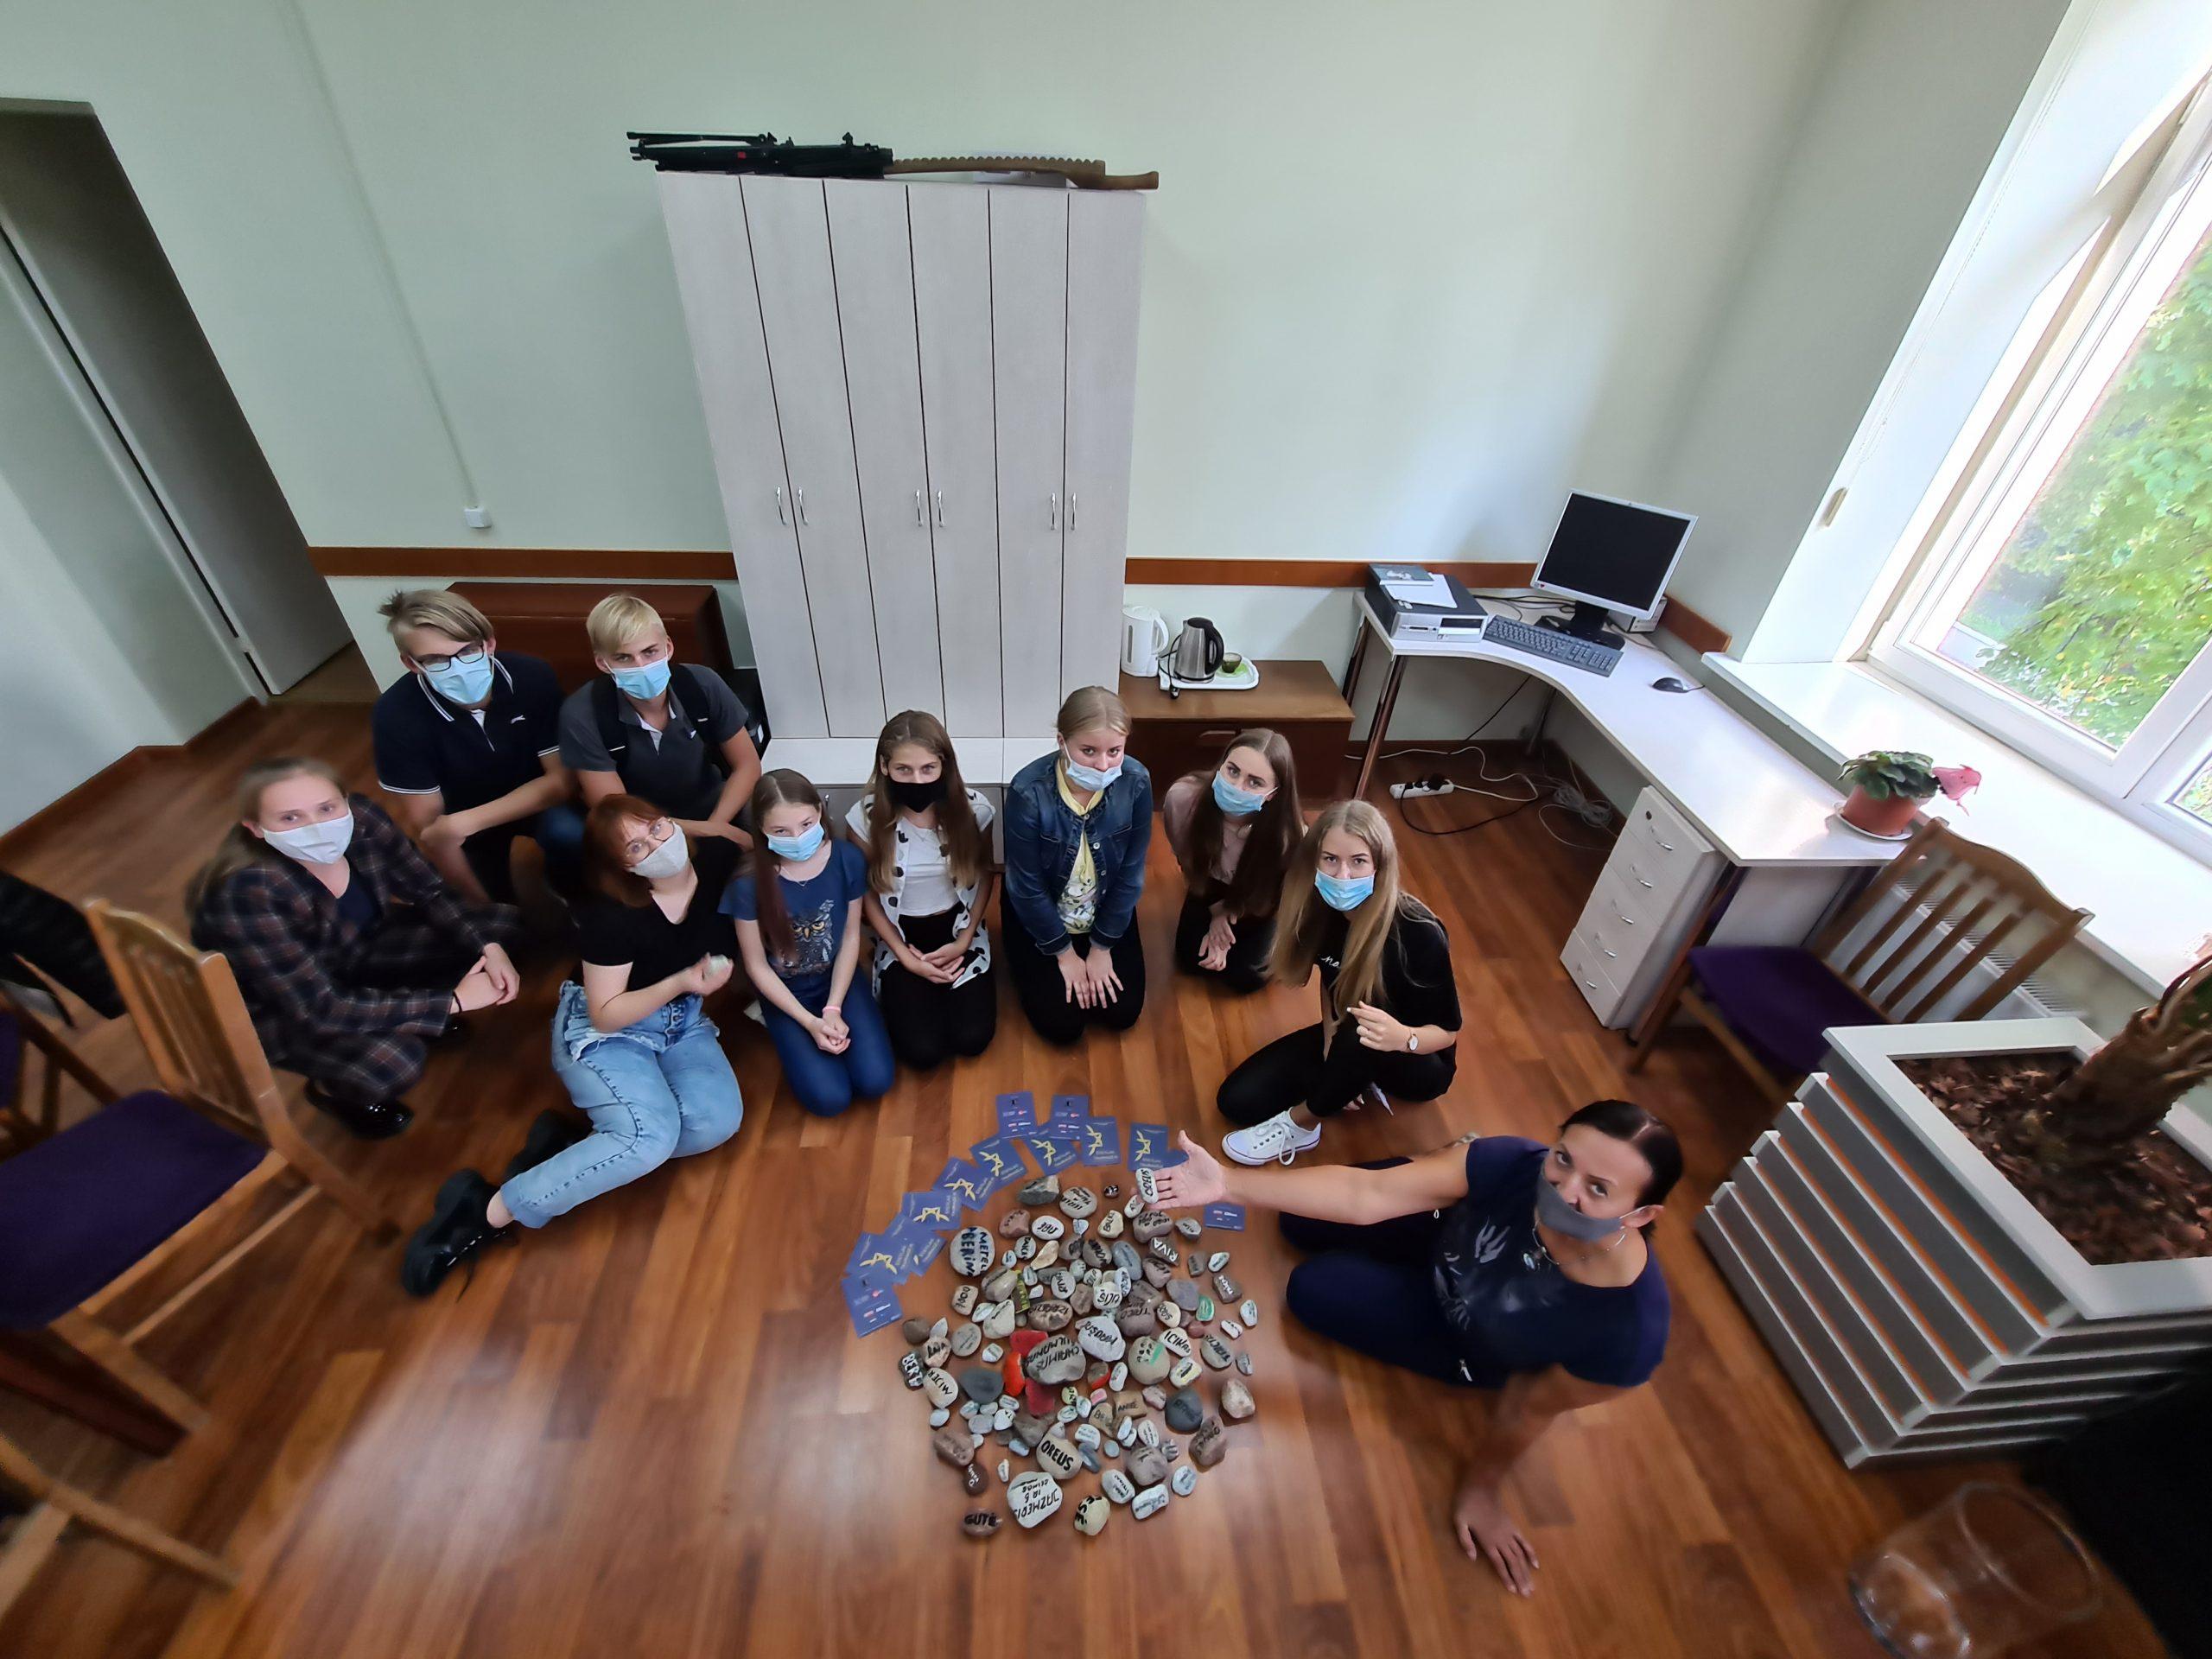 2020-09-16 Tauragės kultūros rūmuose surengta edukacija, skirta žydų paveldui Tauragėje įprasminti